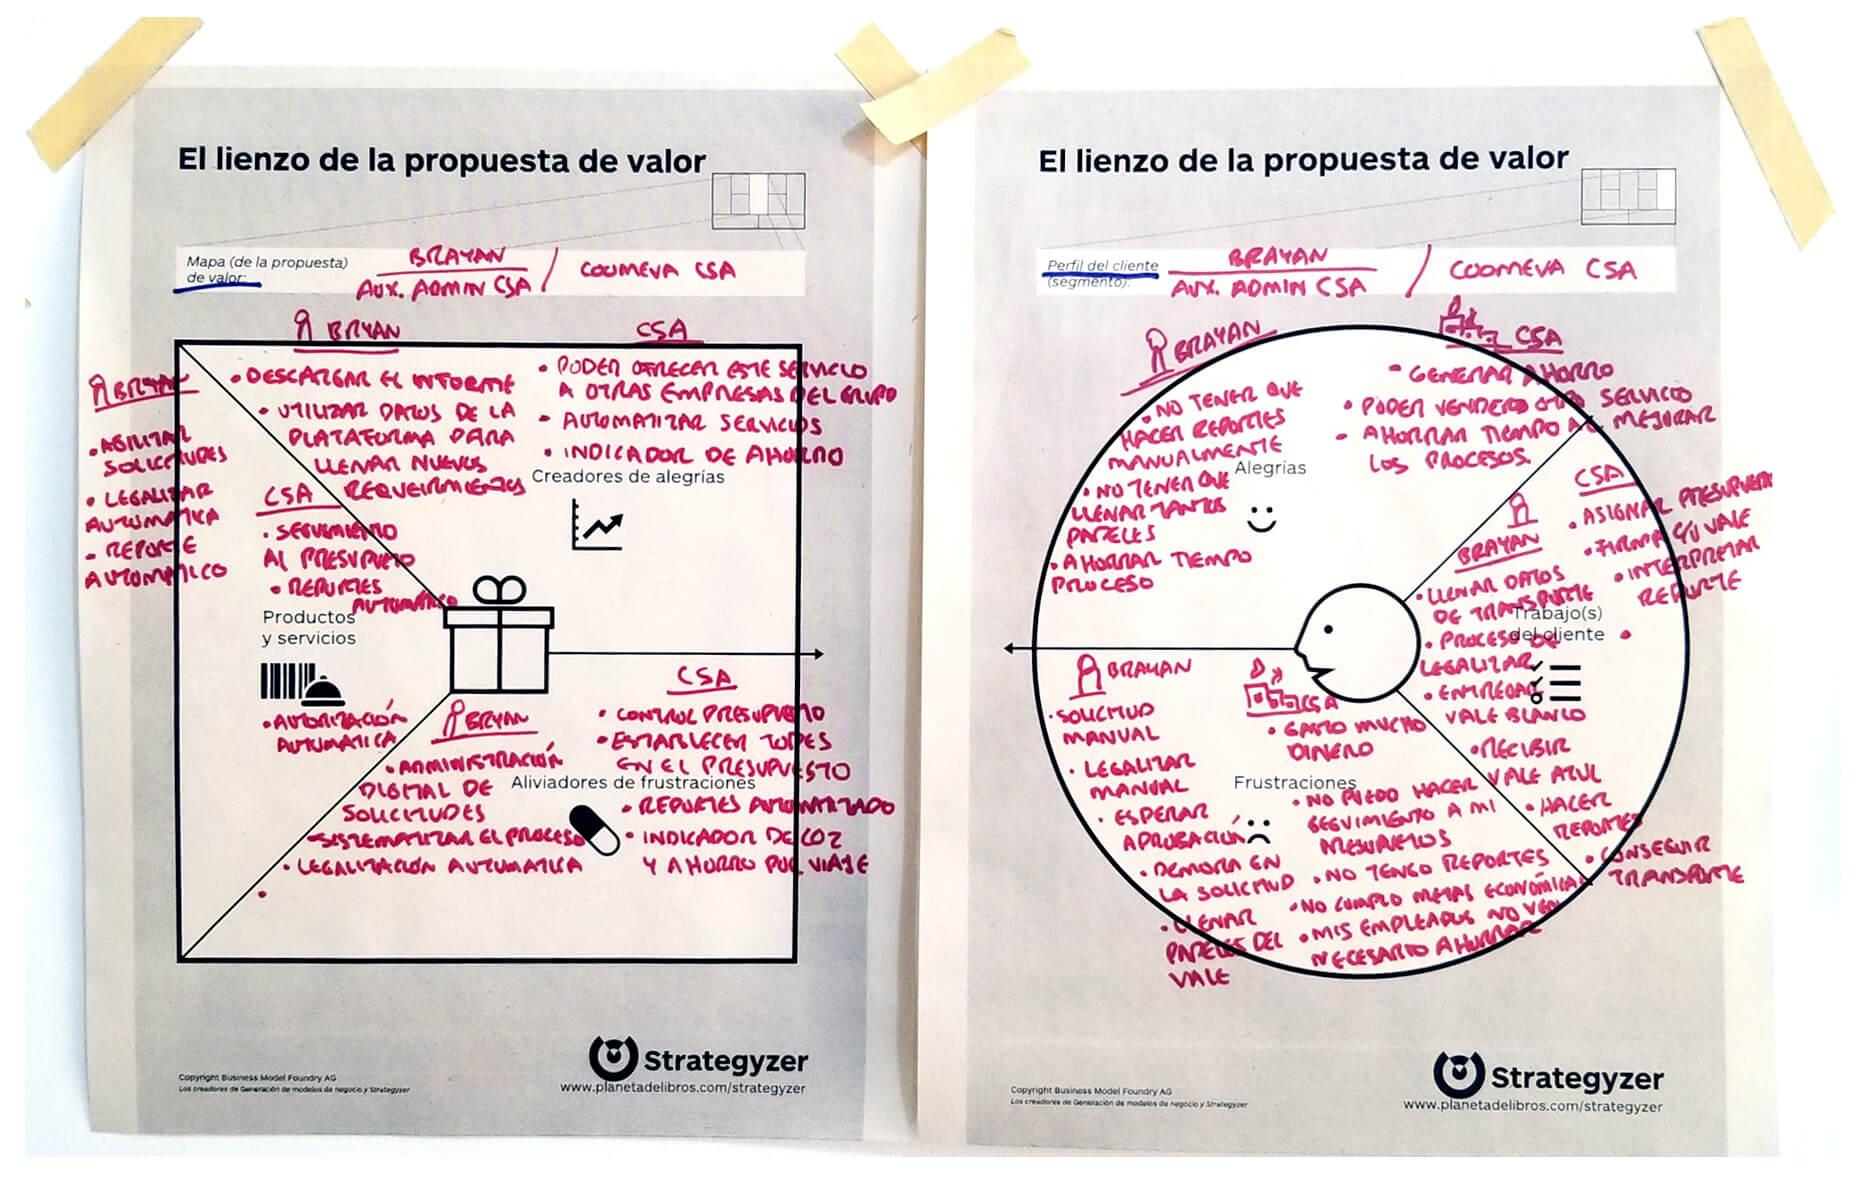 efival-value-proposition-canvas-aux